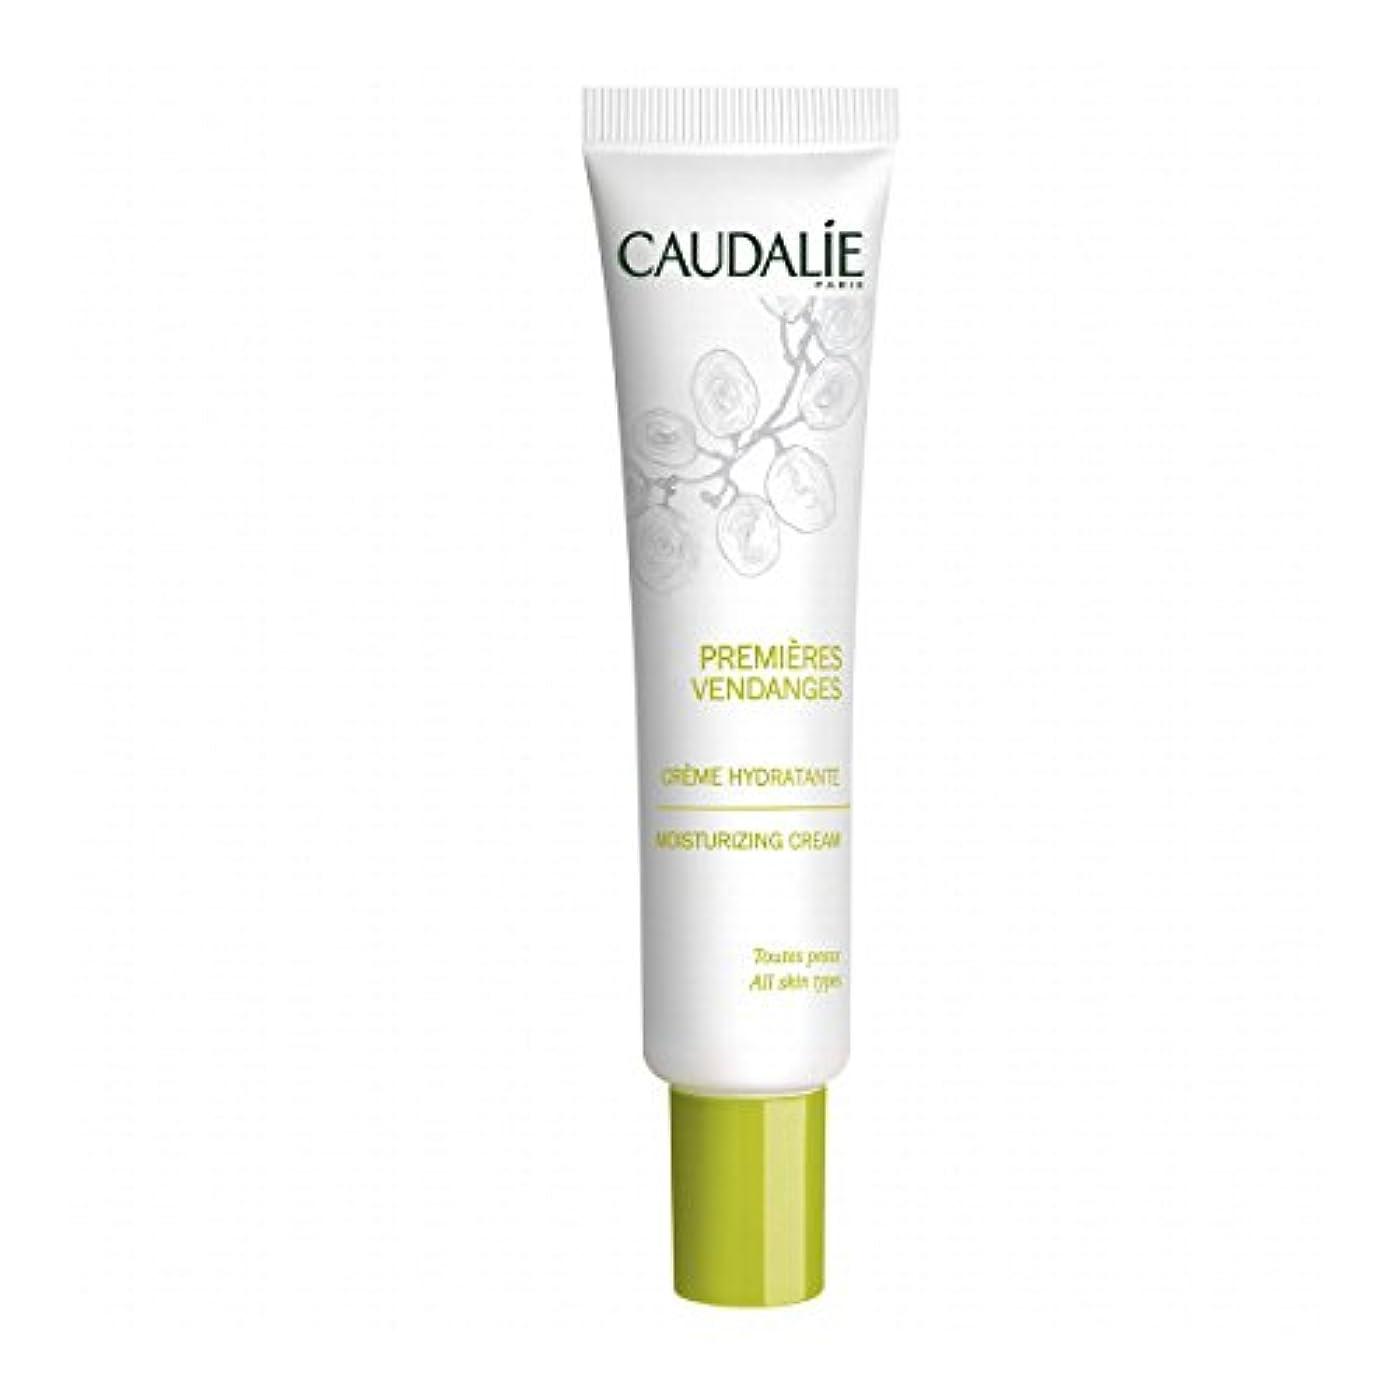 電卓なしで滅びるCaudalie Premieres Vendanges Moisturizing Cream 40ml [並行輸入品]